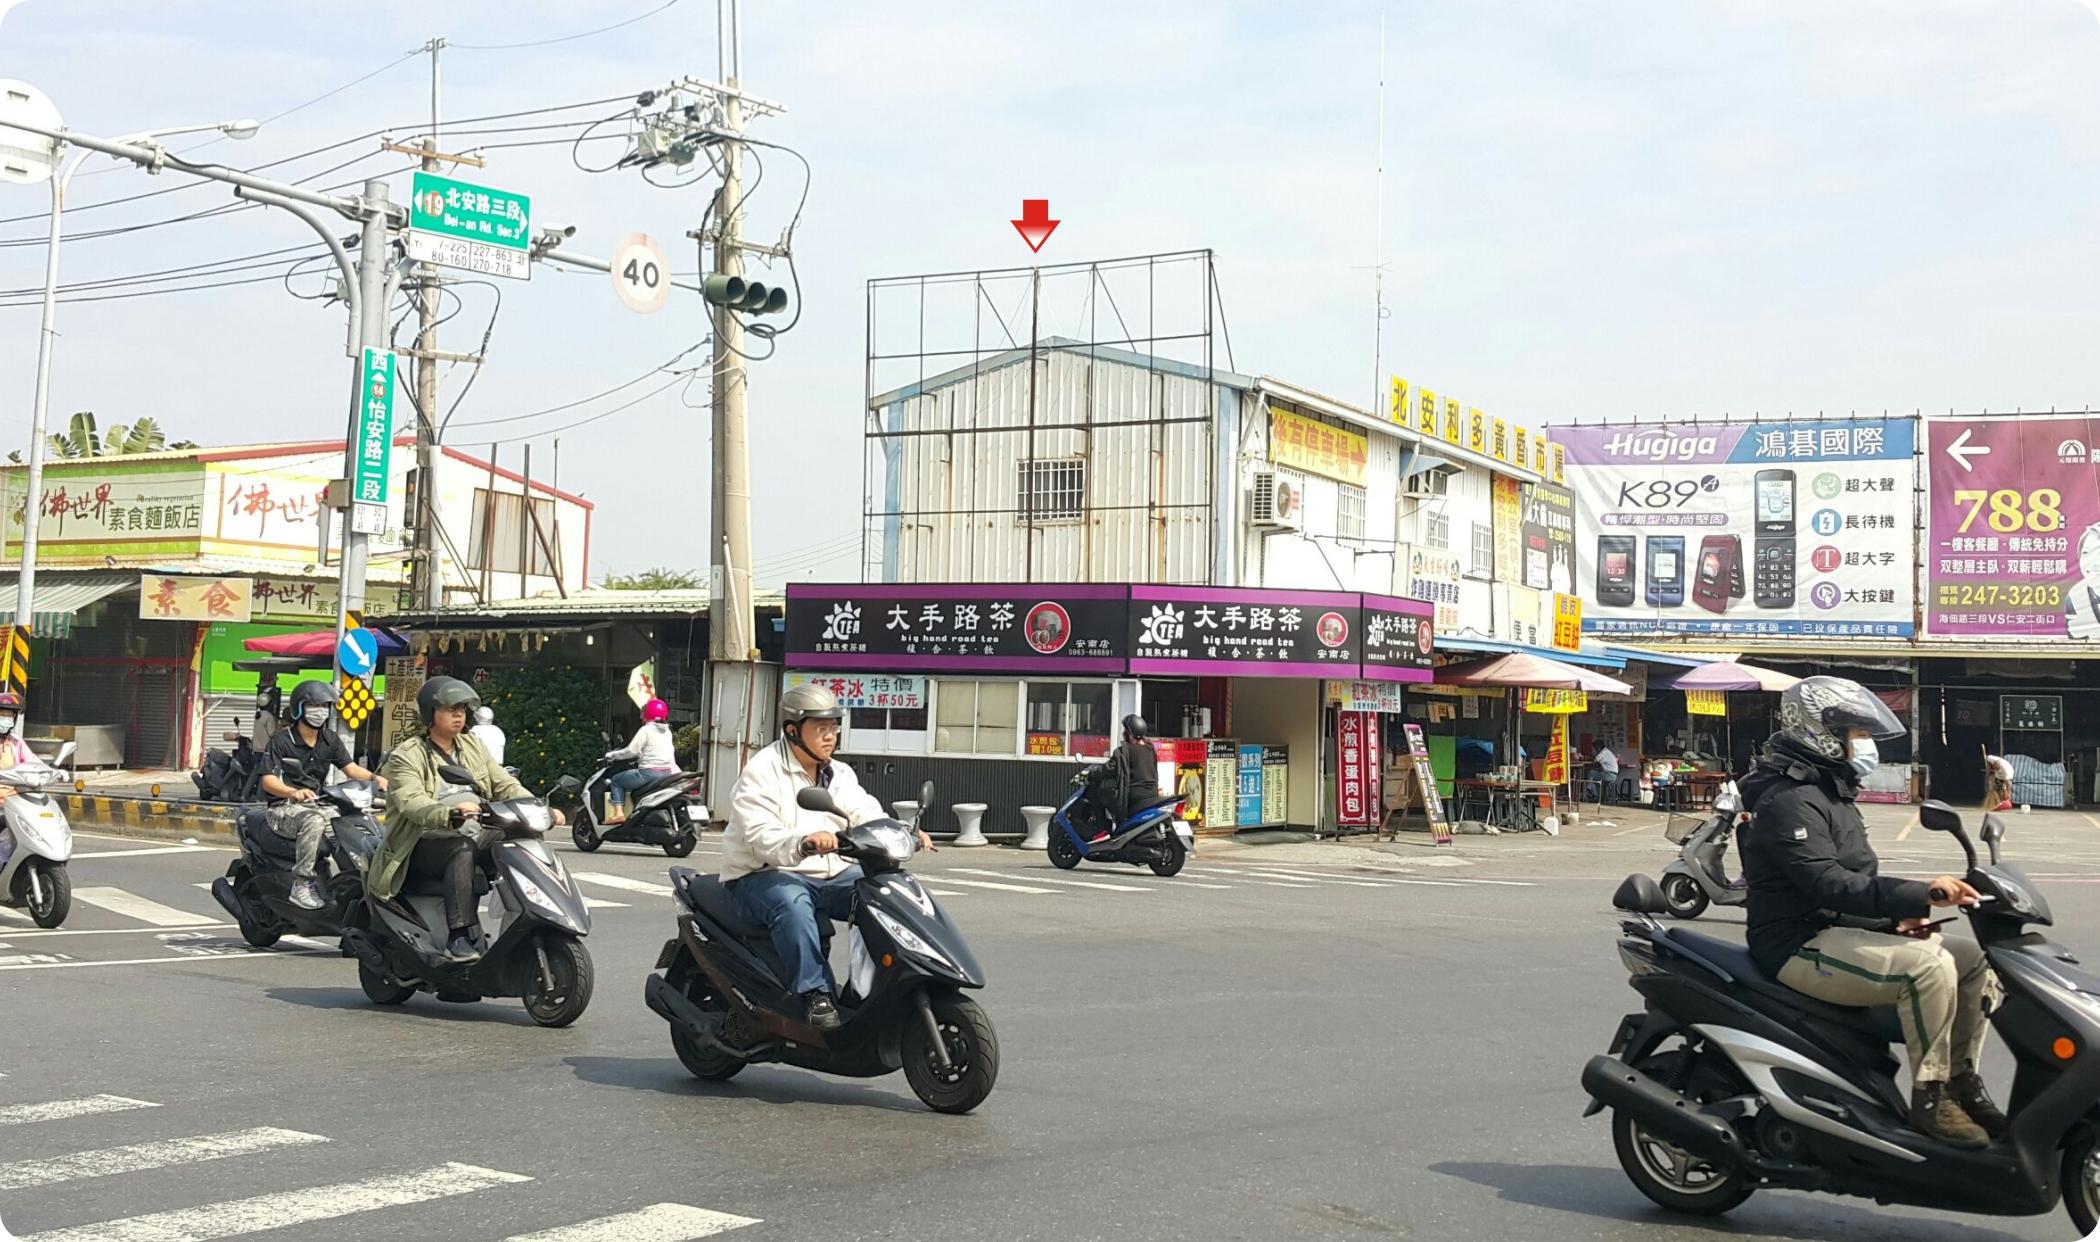 N-0728C-安南區北安路與怡安路交叉口-黃昏市場上方